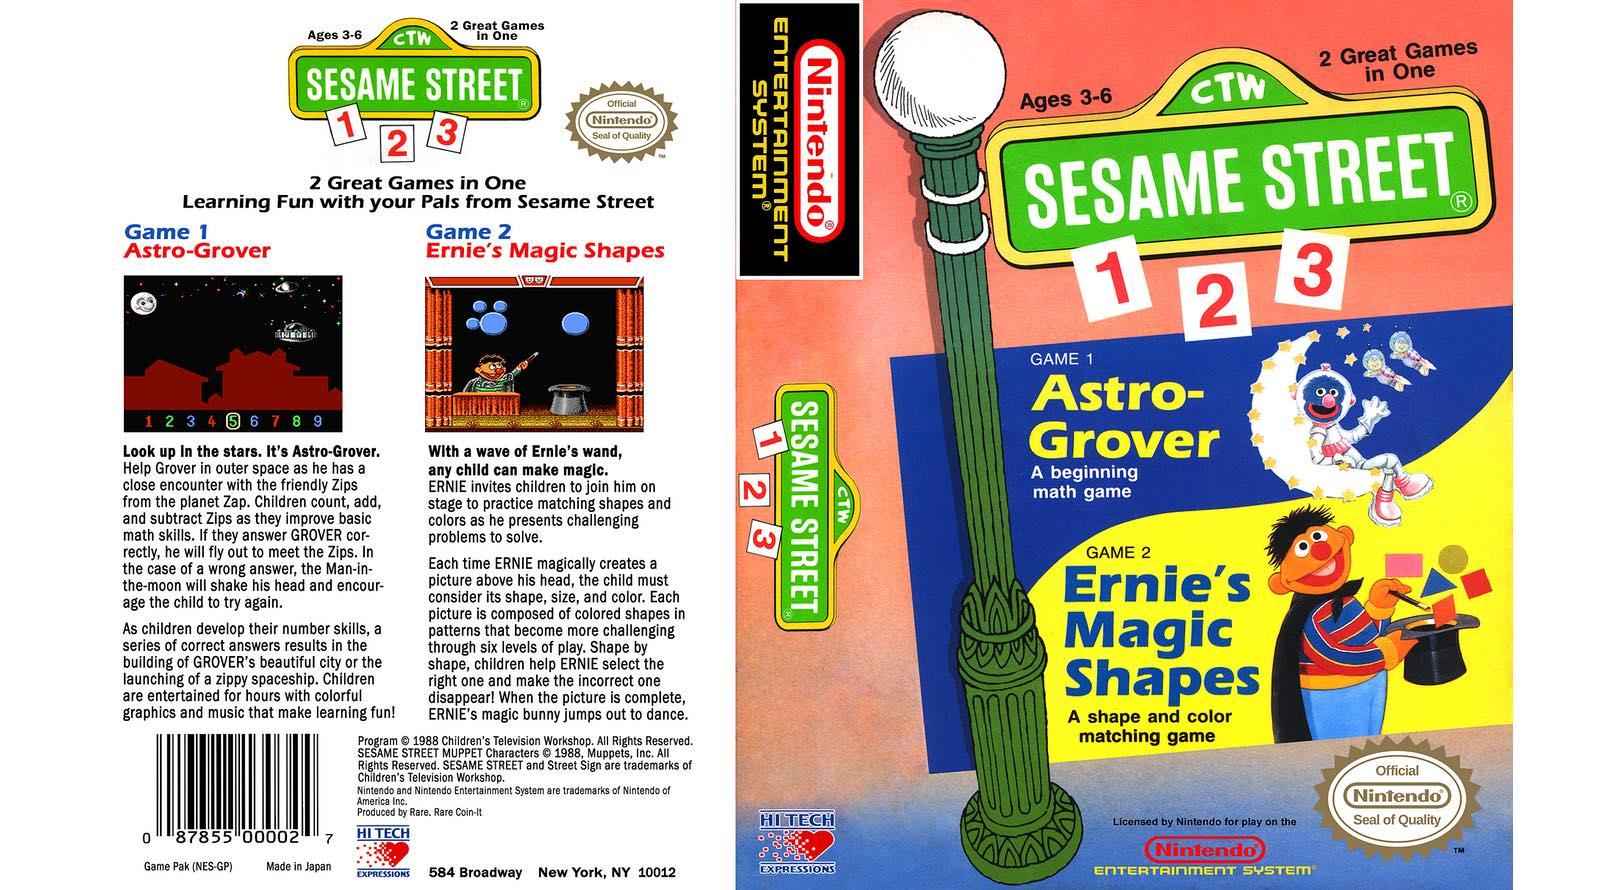 feat-sesame-street-1-2-3